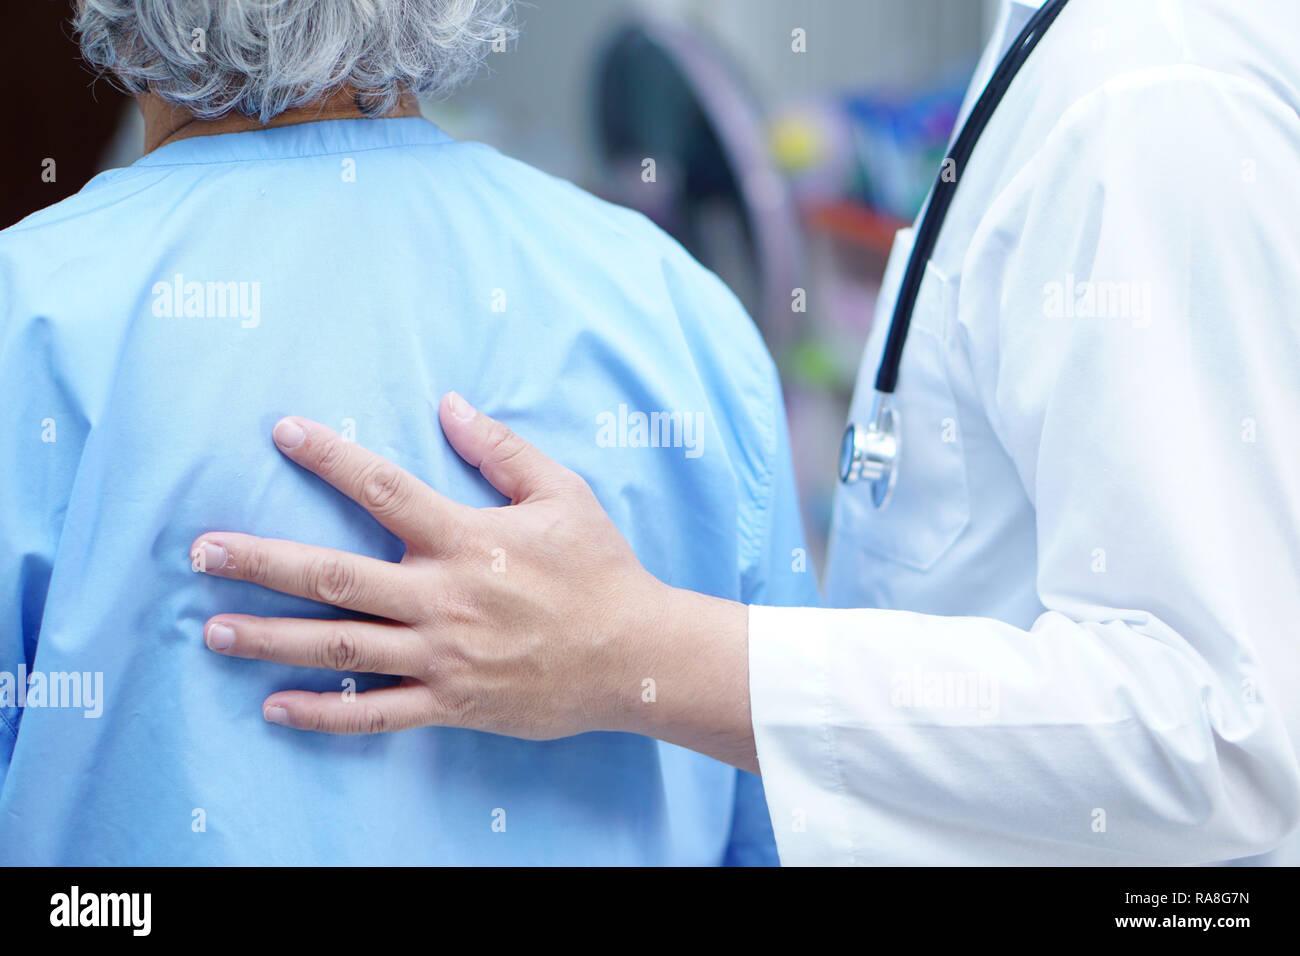 Doctor holding touchant les personnes âgées ou vieille femme malade d'amour, de soins, d'aider, d'encourager et de l'empathie à l'hôpital de soins infirmiers. Photo Stock